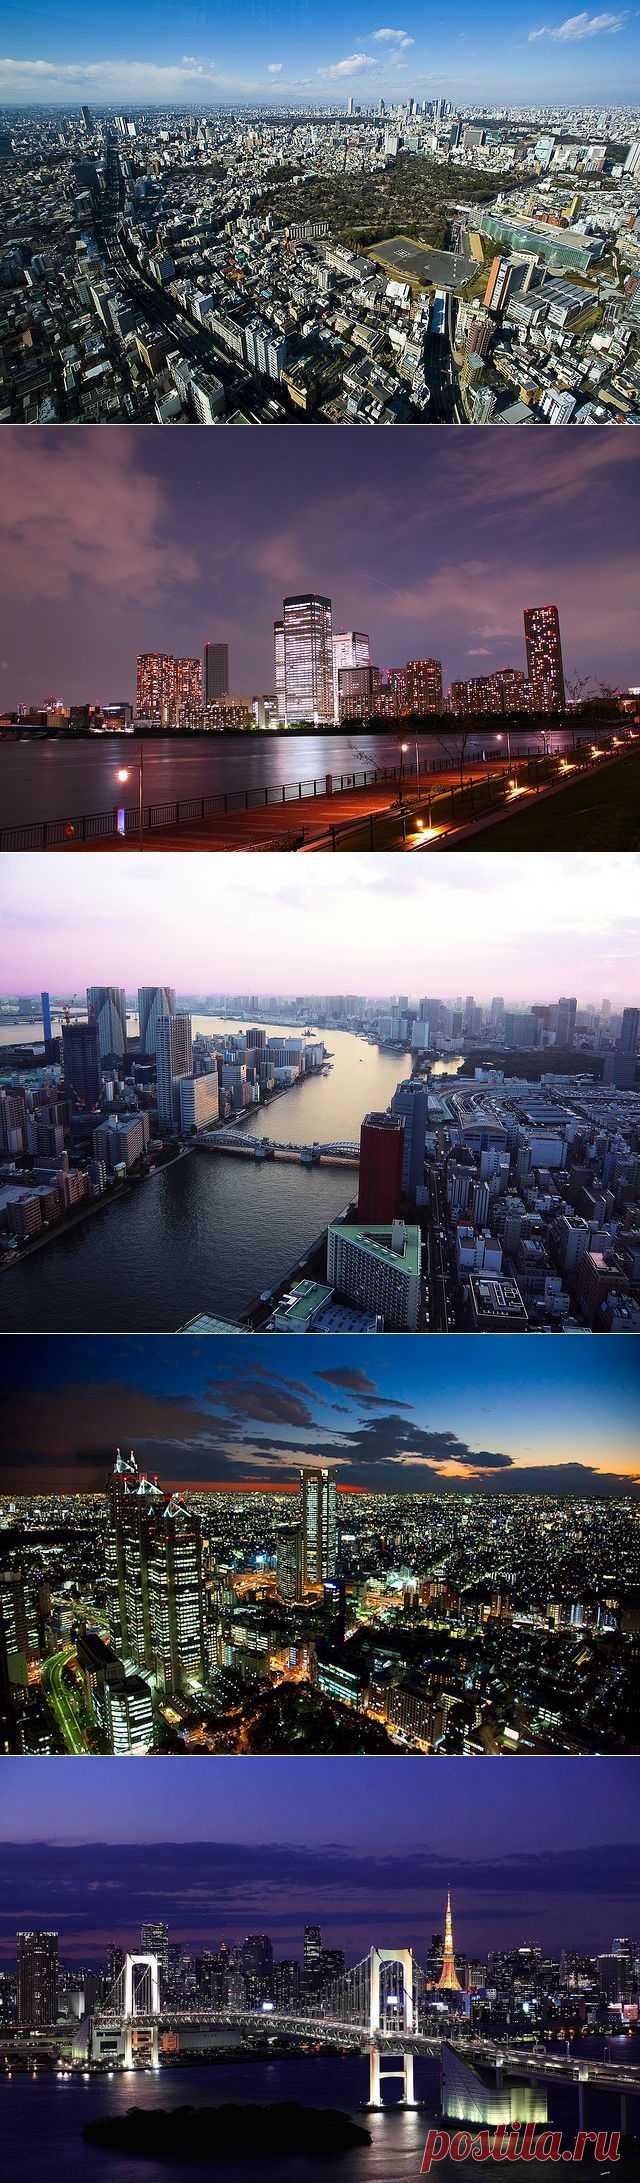 Город Токио Япония - фото города